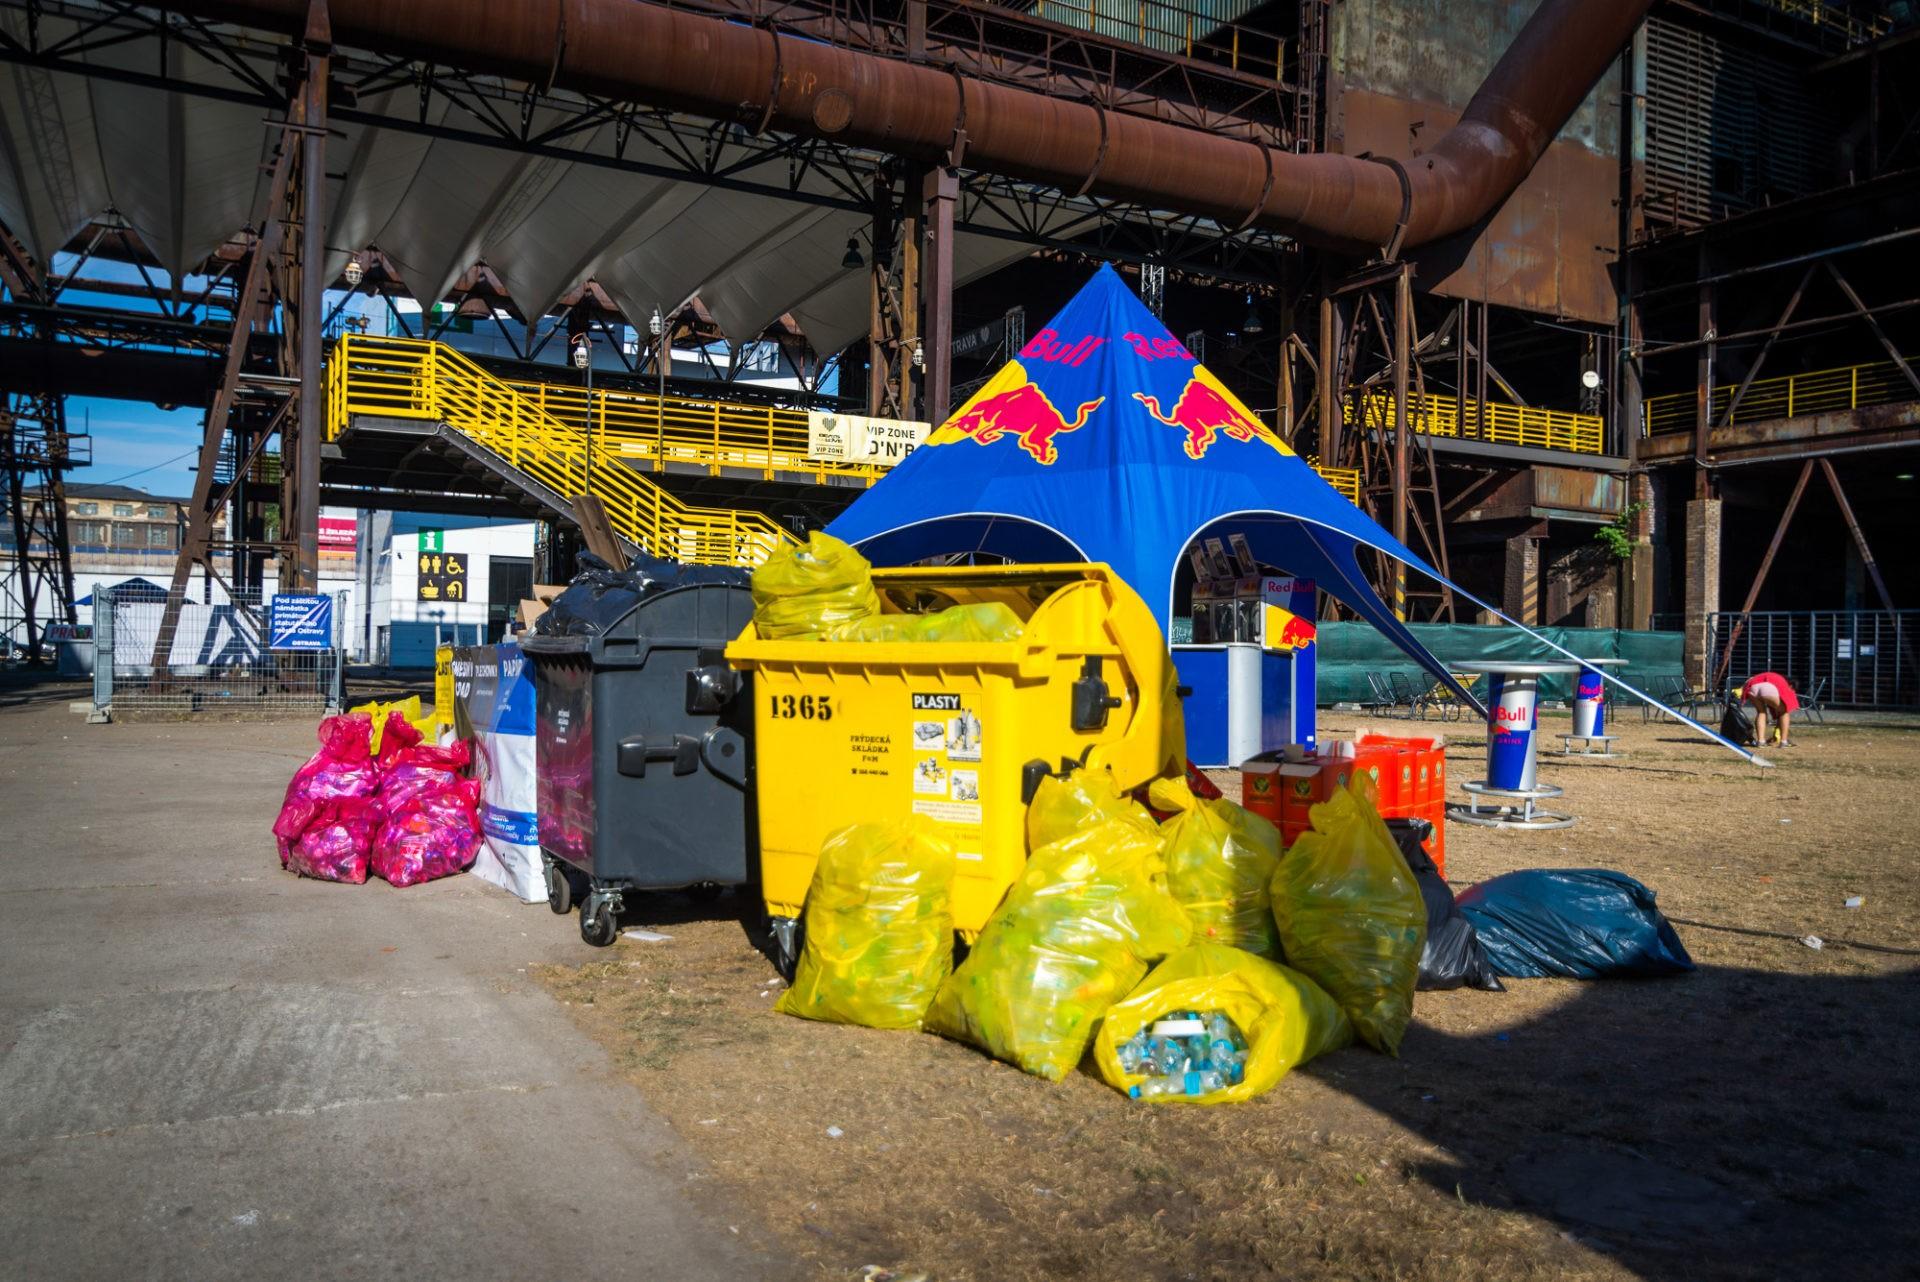 Po skončení festivalu mimo otevírací hodiny areálu jsou kontejnery apytle připraven ksvozu